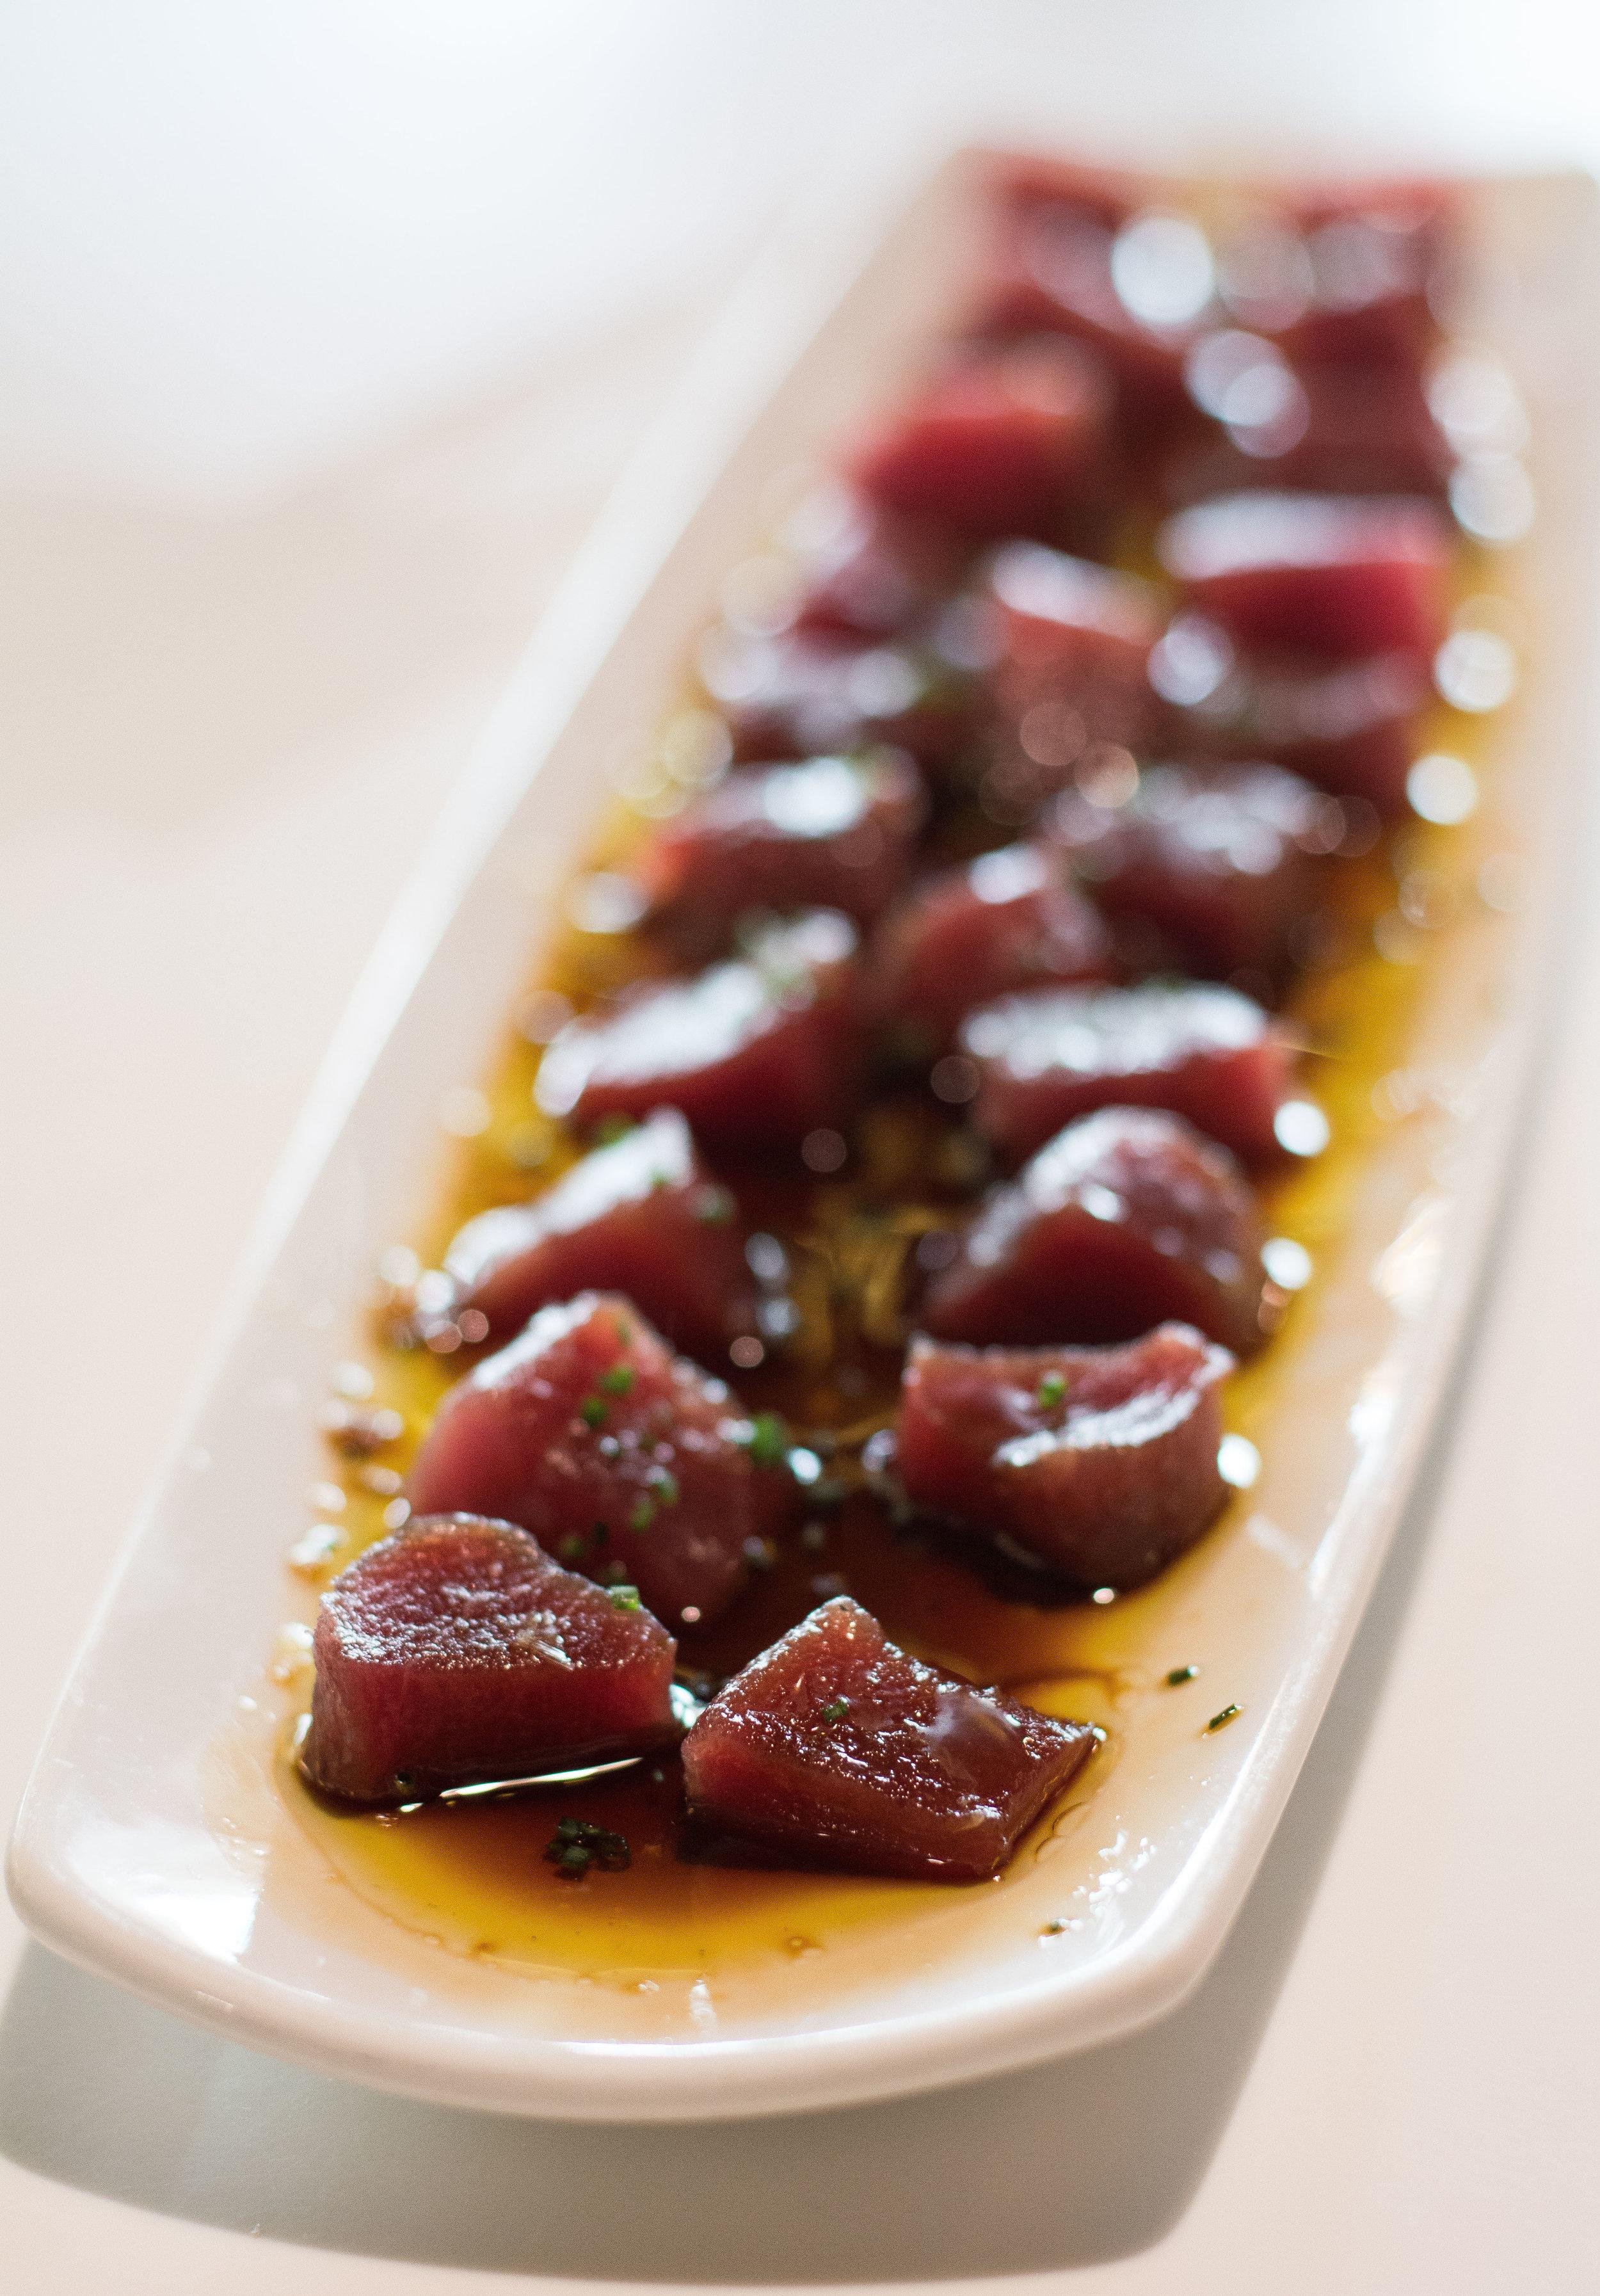 Bluefin Tuna Abrassame Barcelona